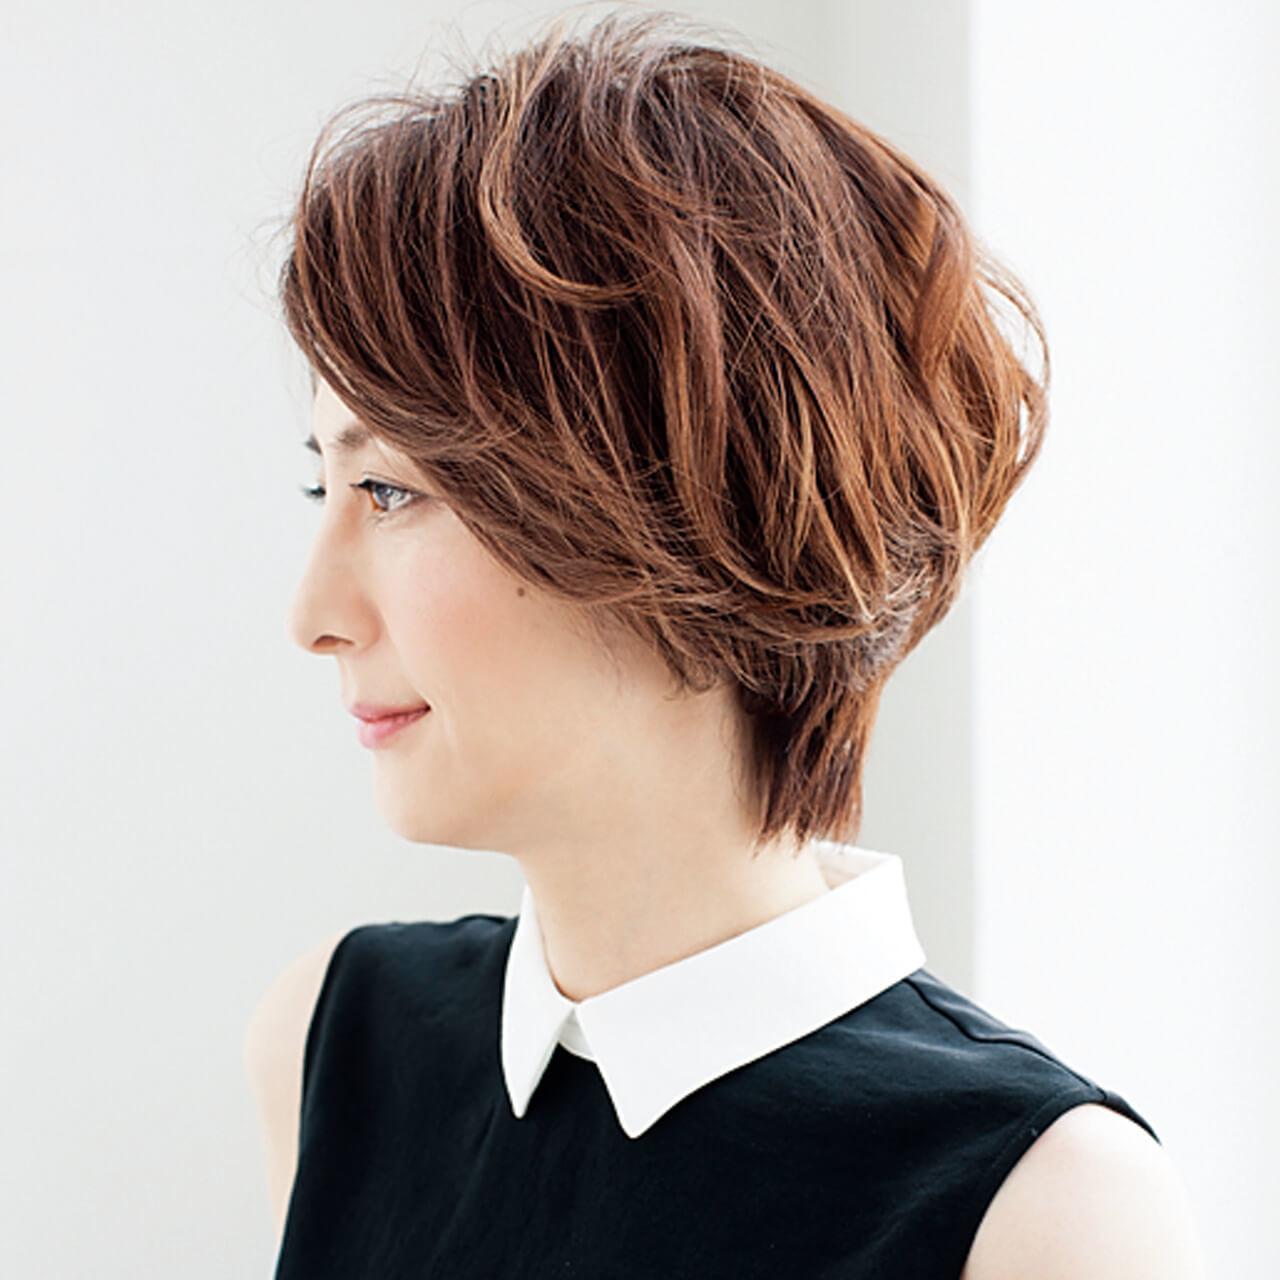 スタイルよく見えるひし形ショート。毛束感とカラーリング軽やかに【40代のショートヘア】_1_2